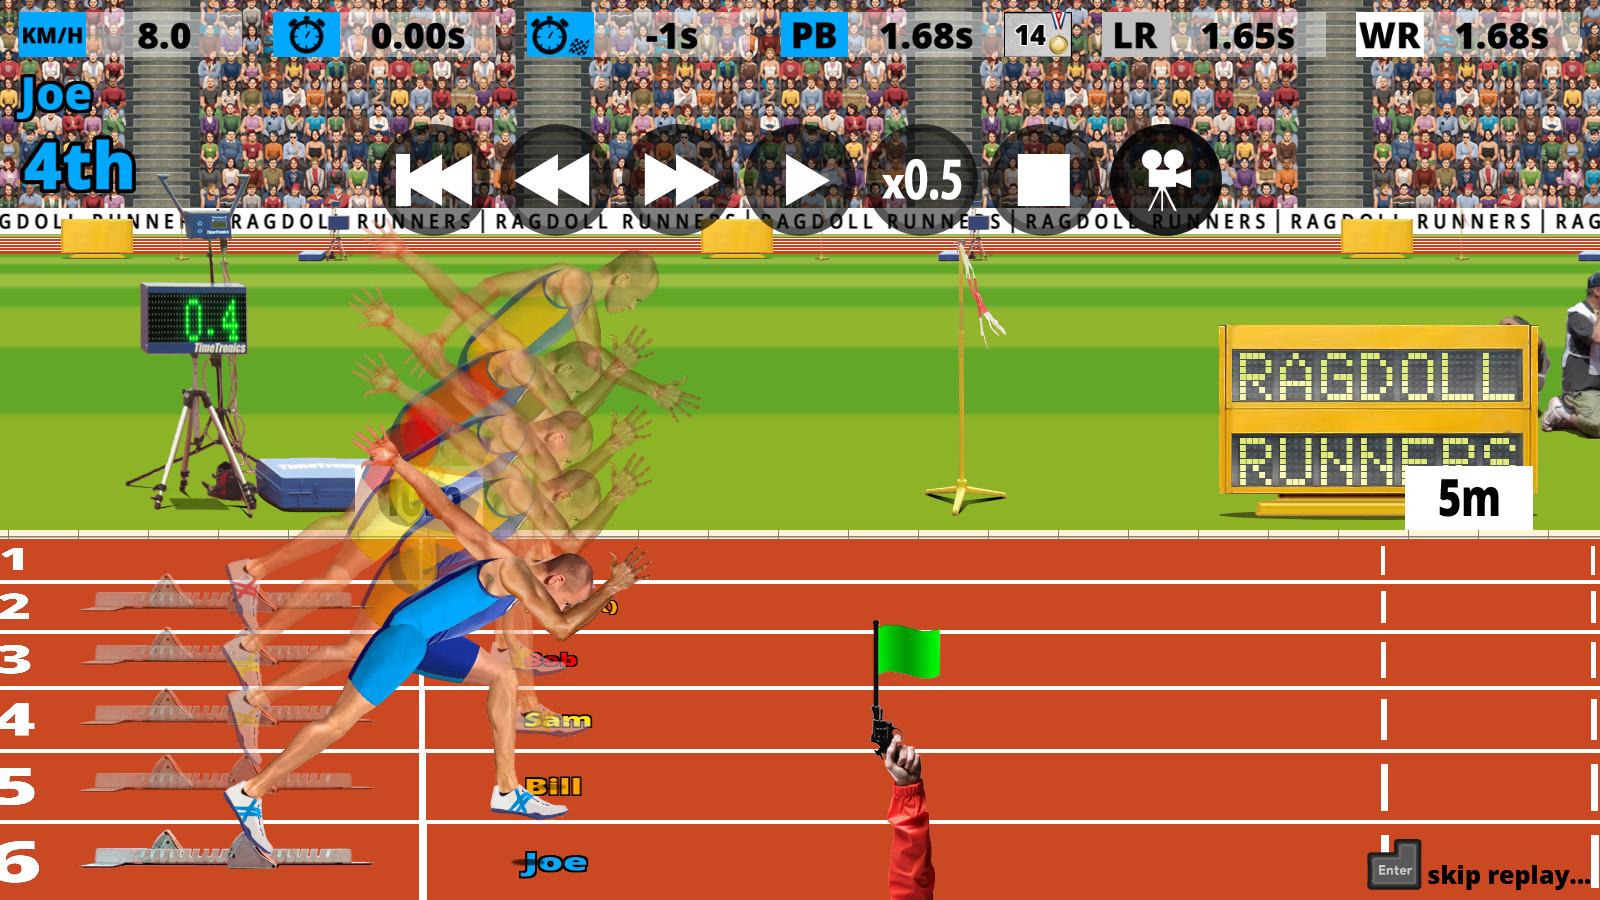 Ragdoll Runners screenshot